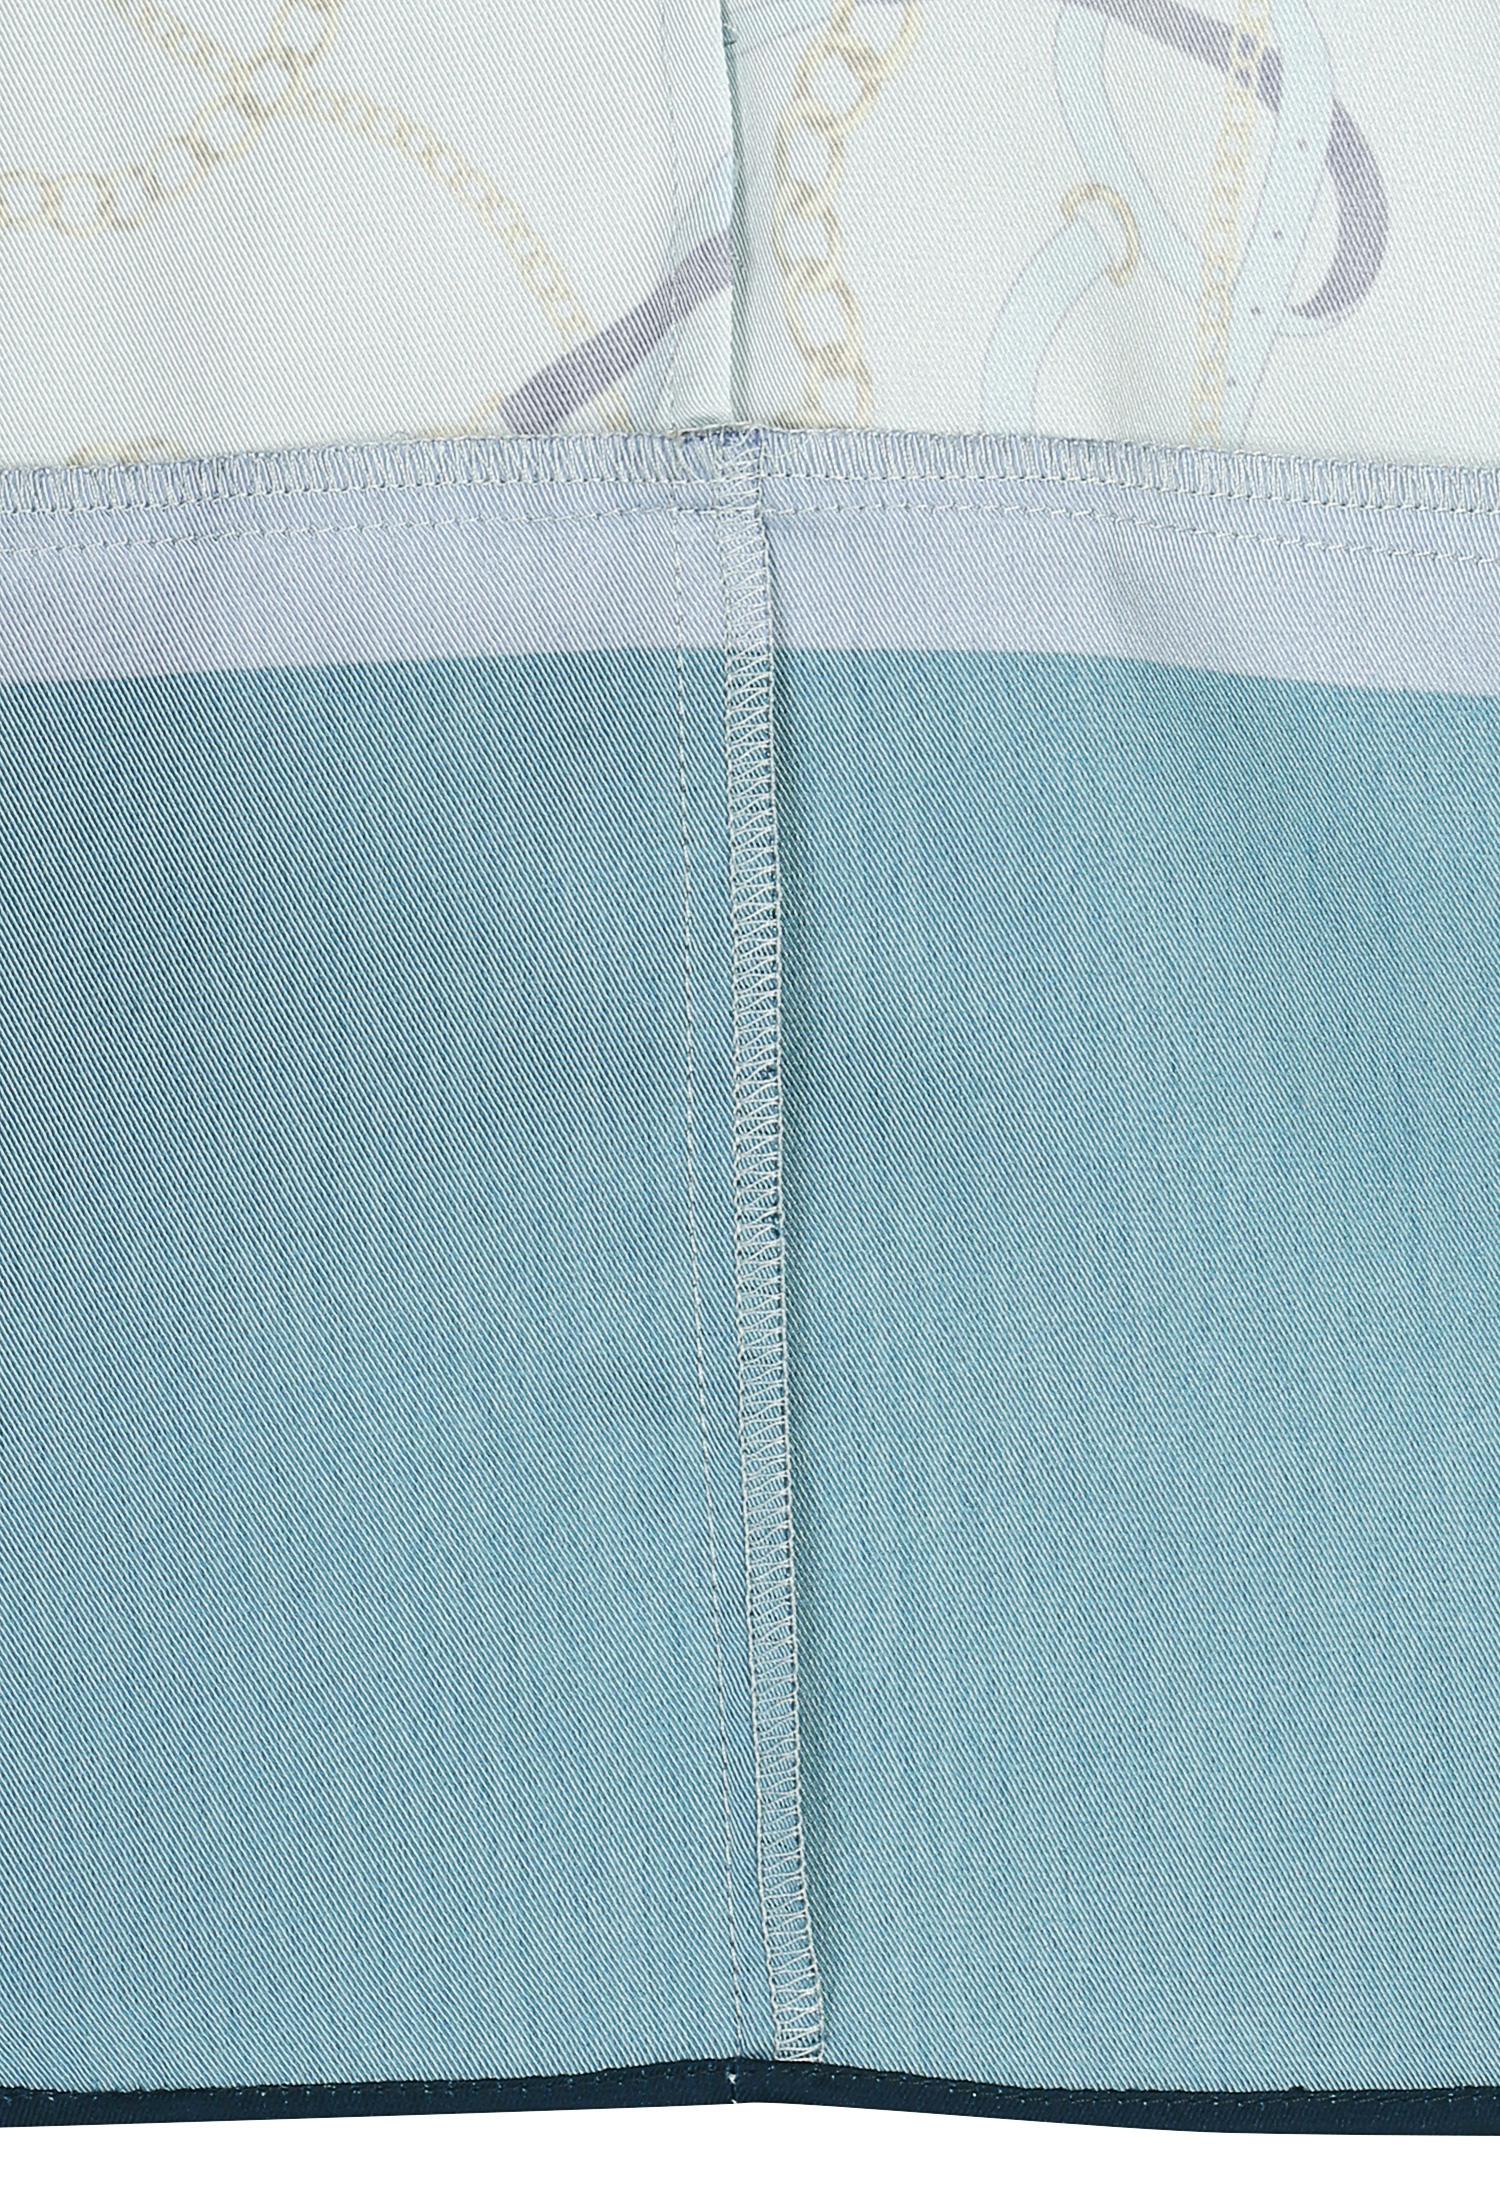 체인 프린팅 실키 셔츠 원피스 (NAVY)